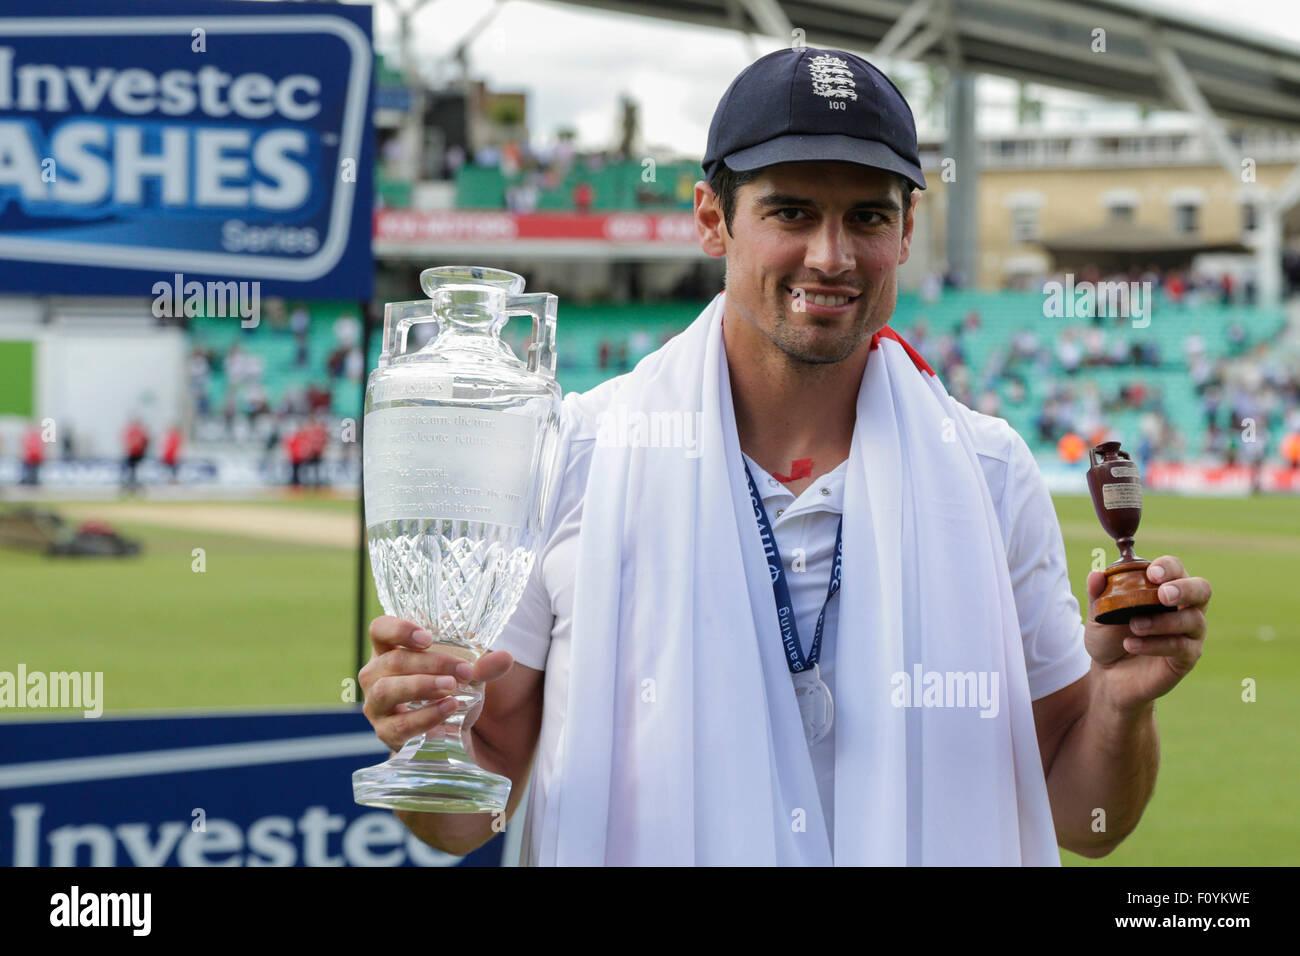 Londres, Royaume-Uni. Août 23, 2015. Investec Cendres 5ème Test, jour 4. L'Angleterre contre l'Australie. Photo Stock